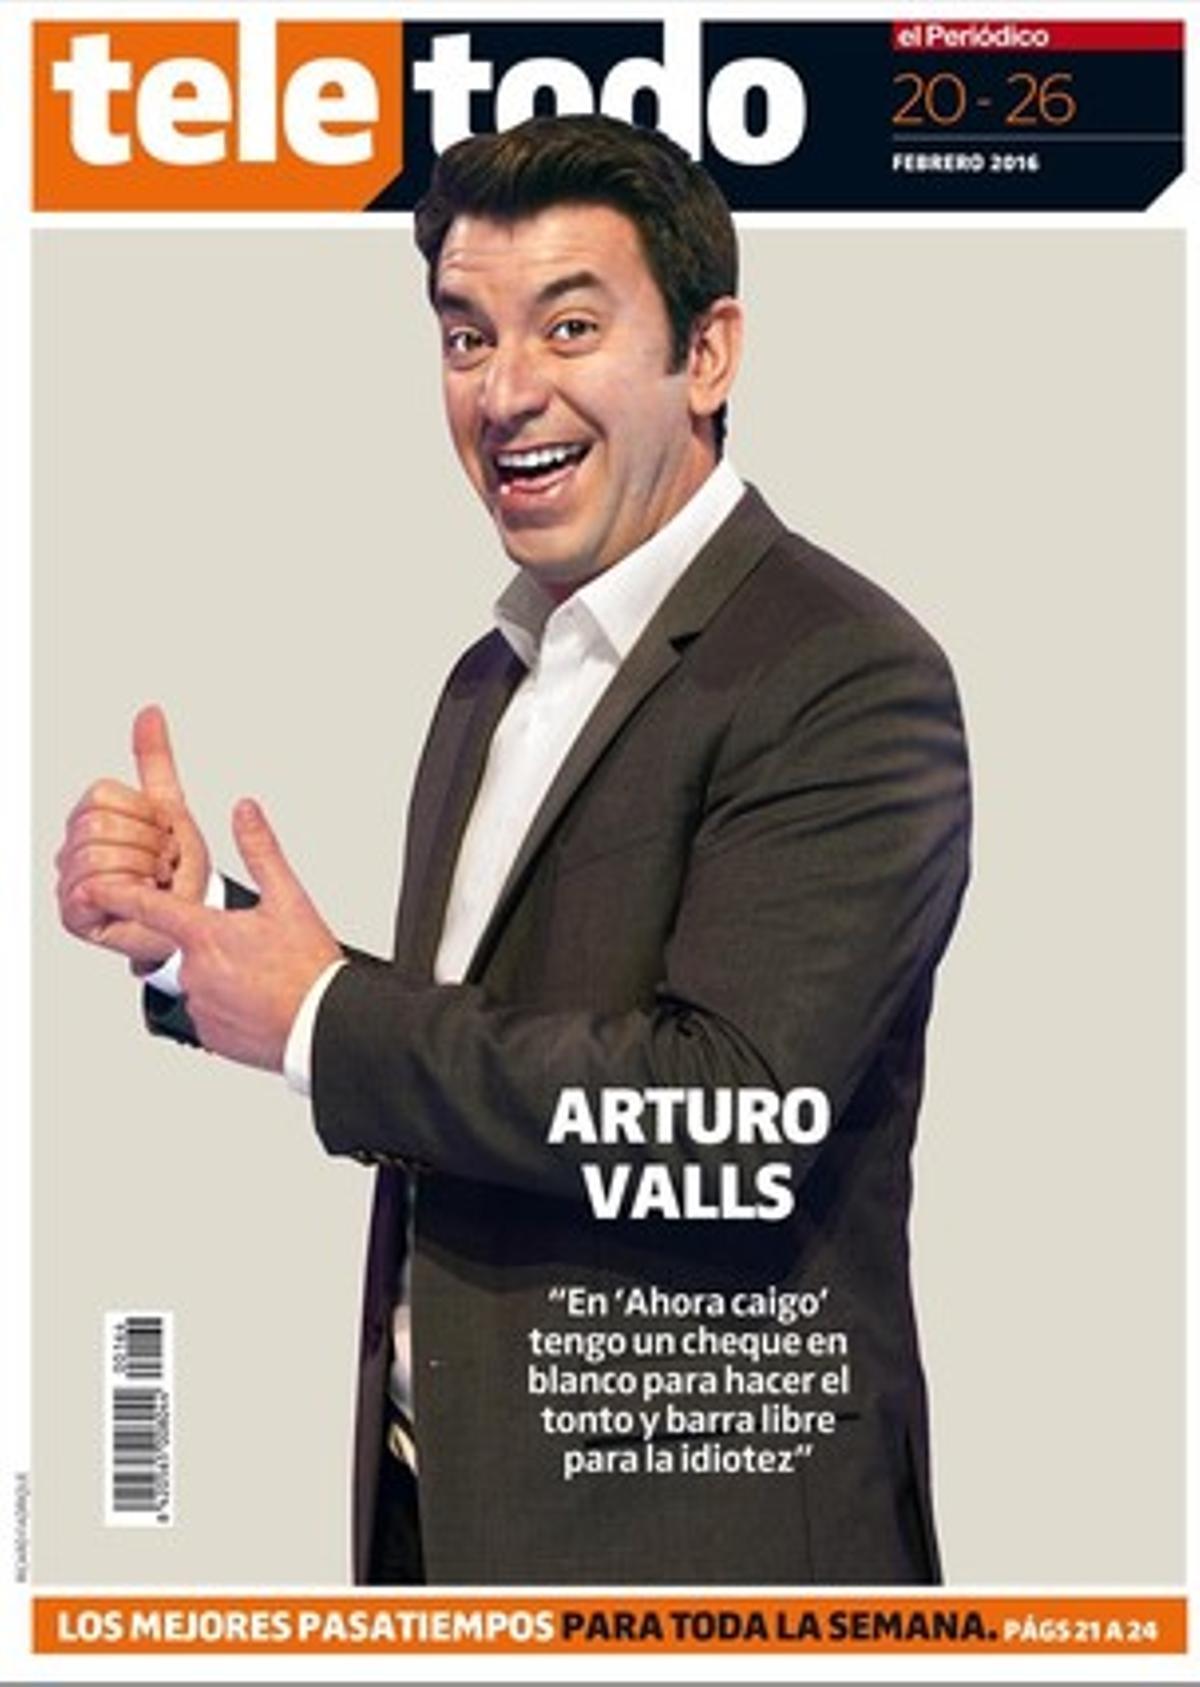 El presentador de 'Ahora caigo', Arturo Valls, es la portada del suplemento 'Teletodo' del sábado 20 de febrero.